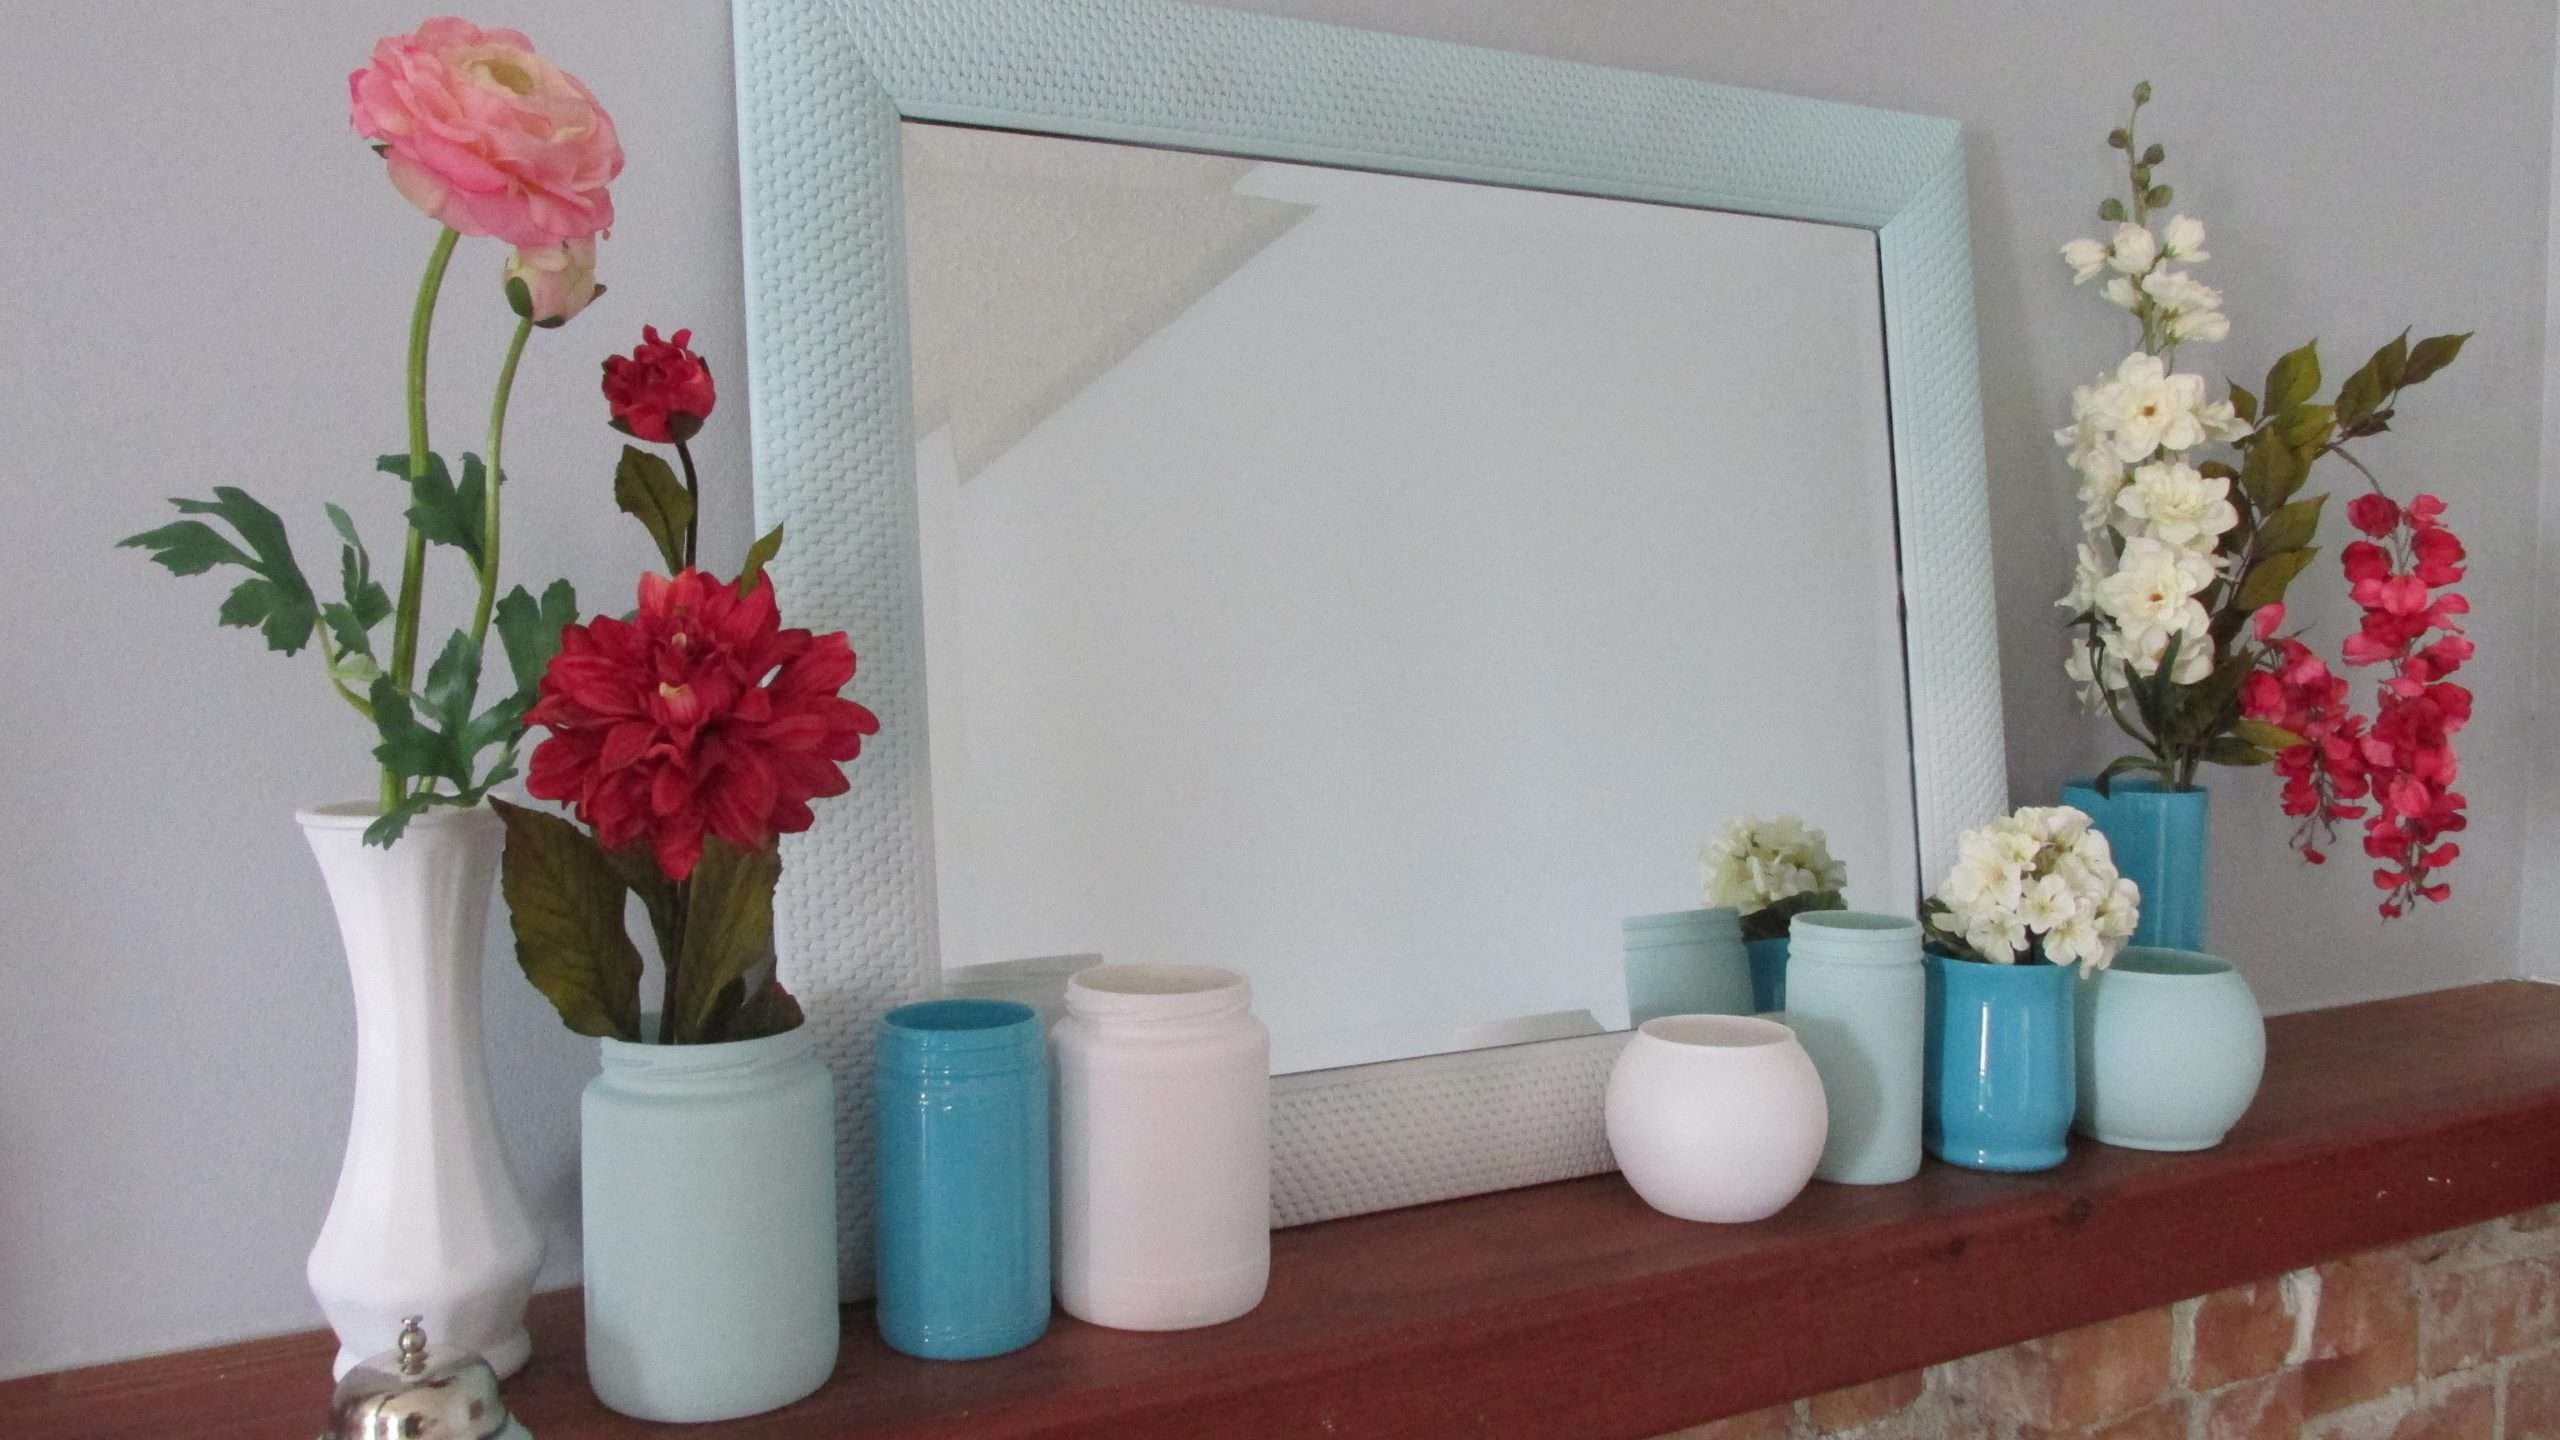 DIY Jars and Vases